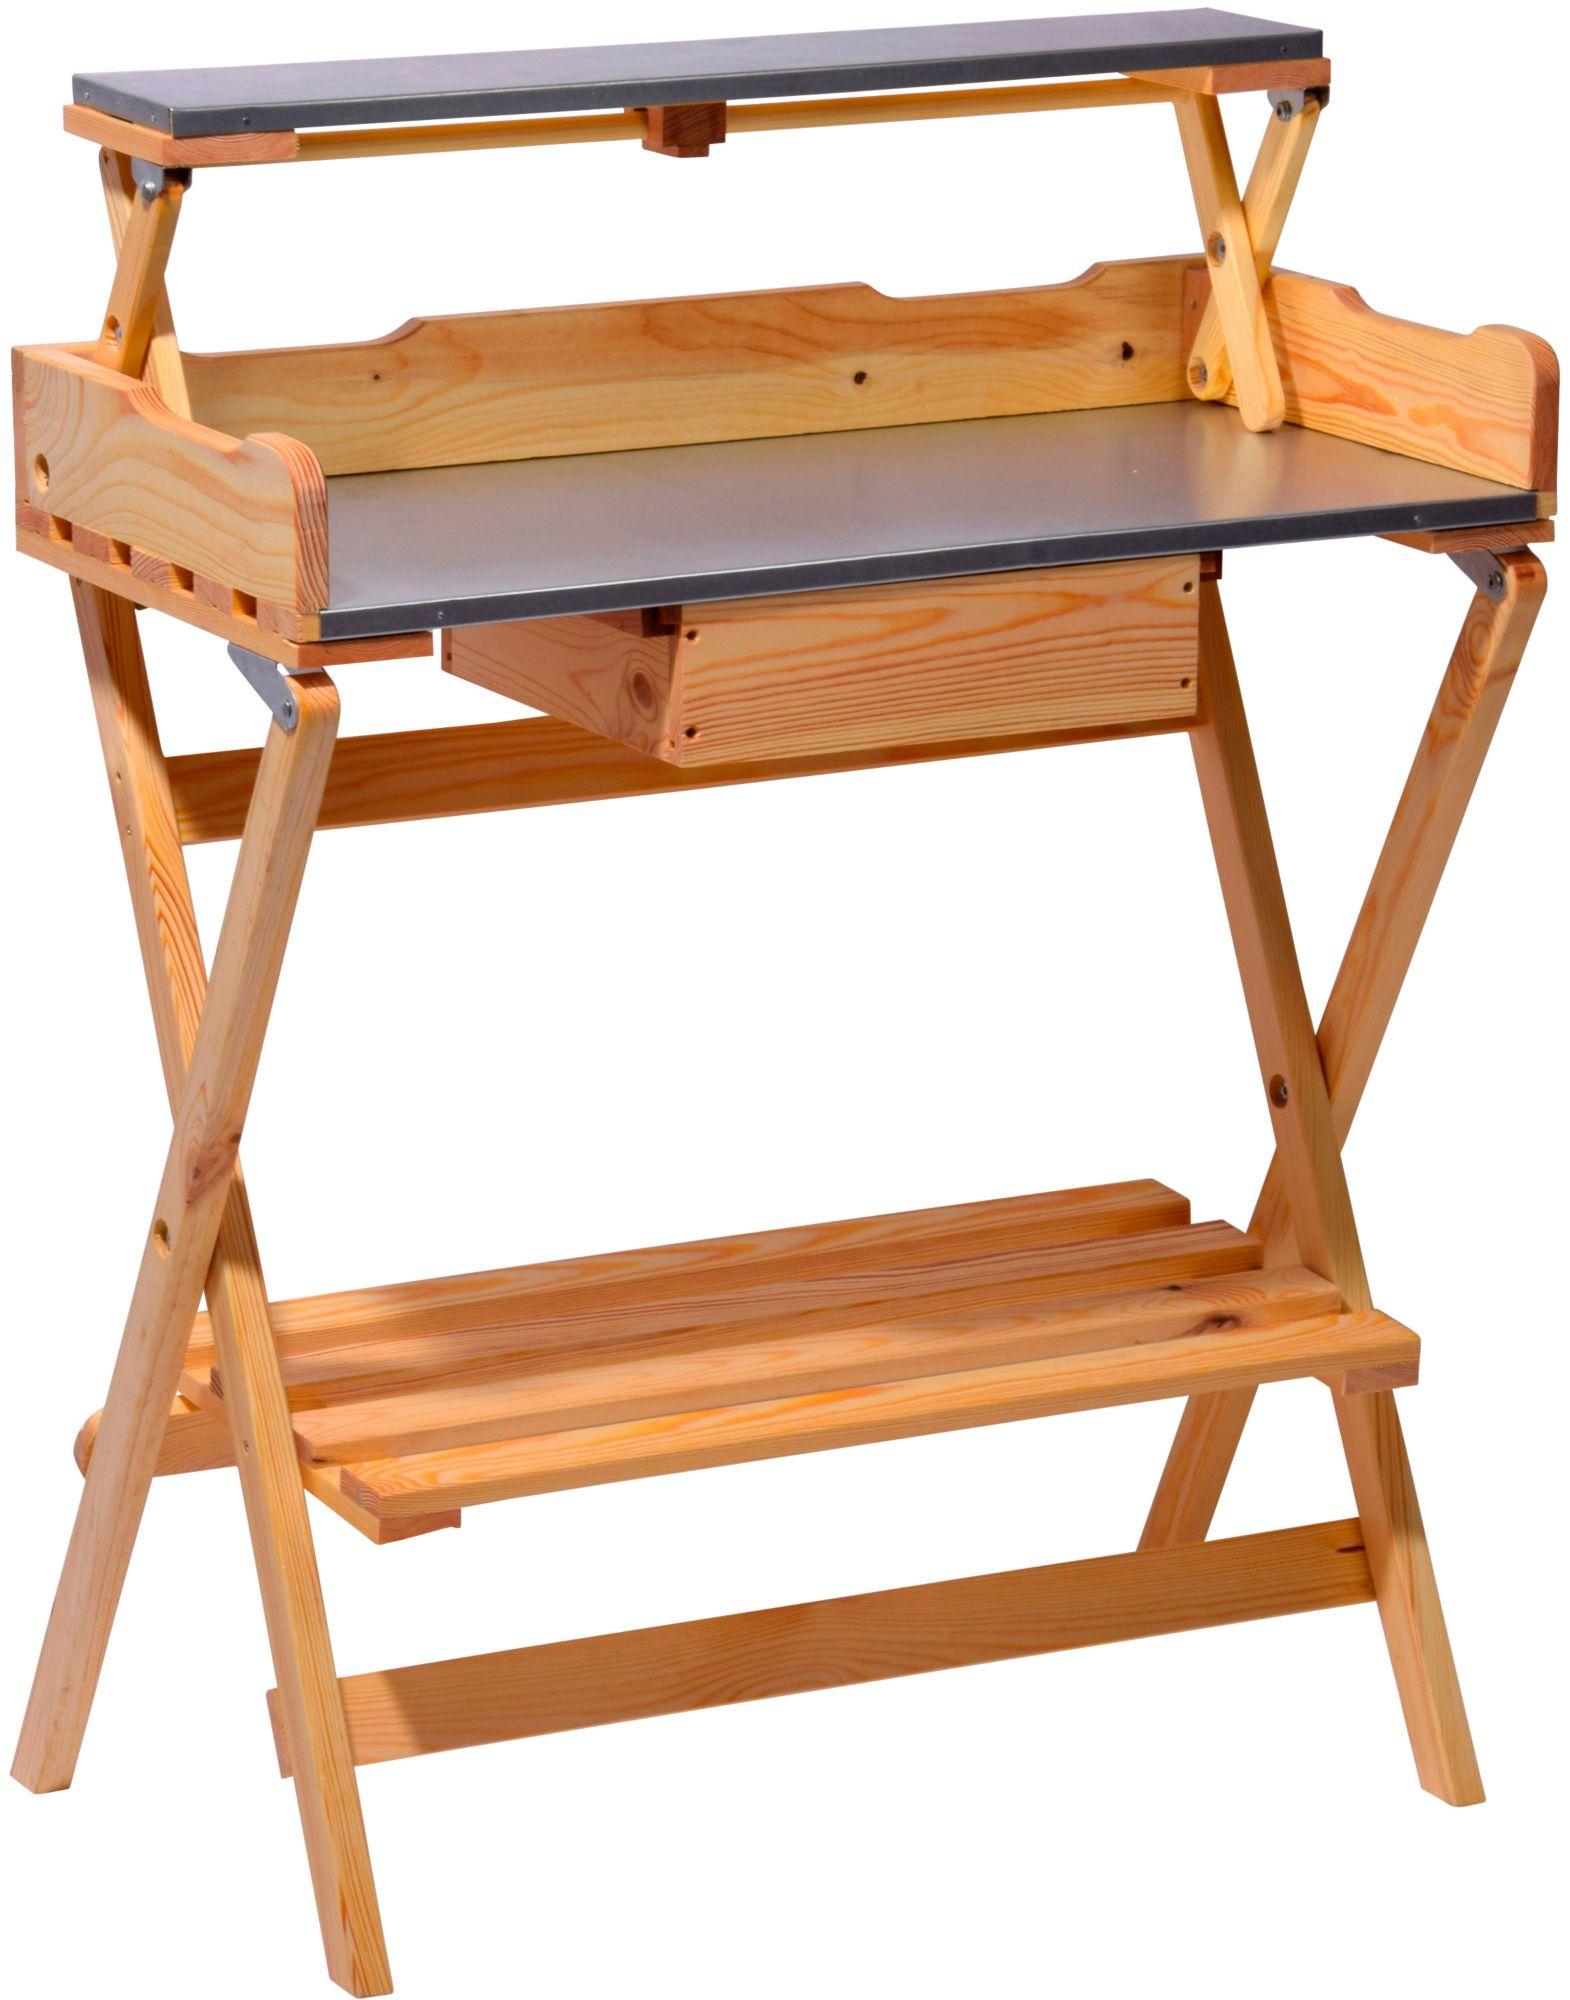 DOBAR Dobar 57015e Pflanztisch mit großer Schublade, 80 x 40 x 100 cm